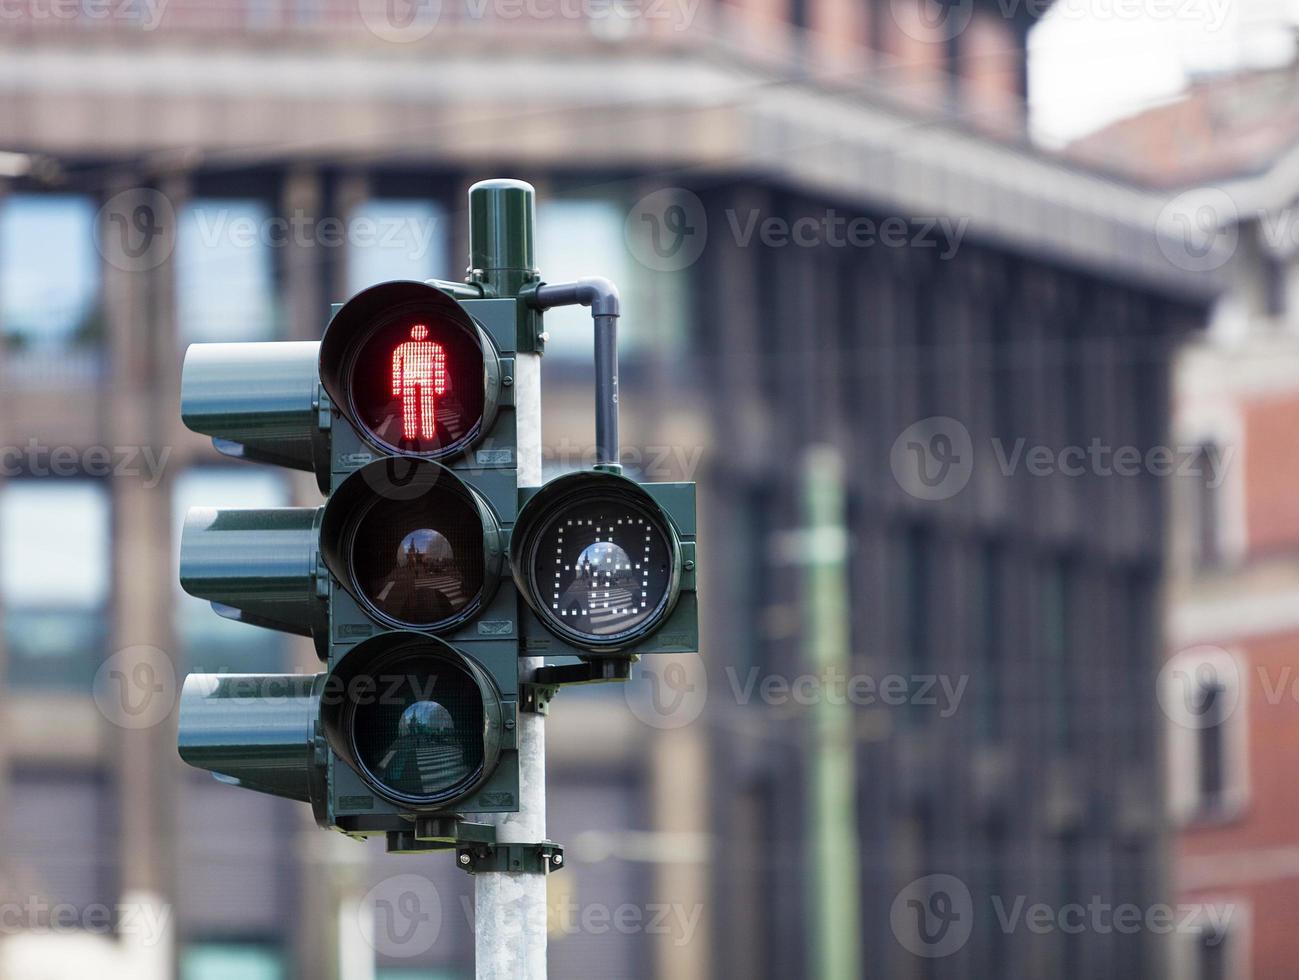 semaforo con luce rossa a milano foto